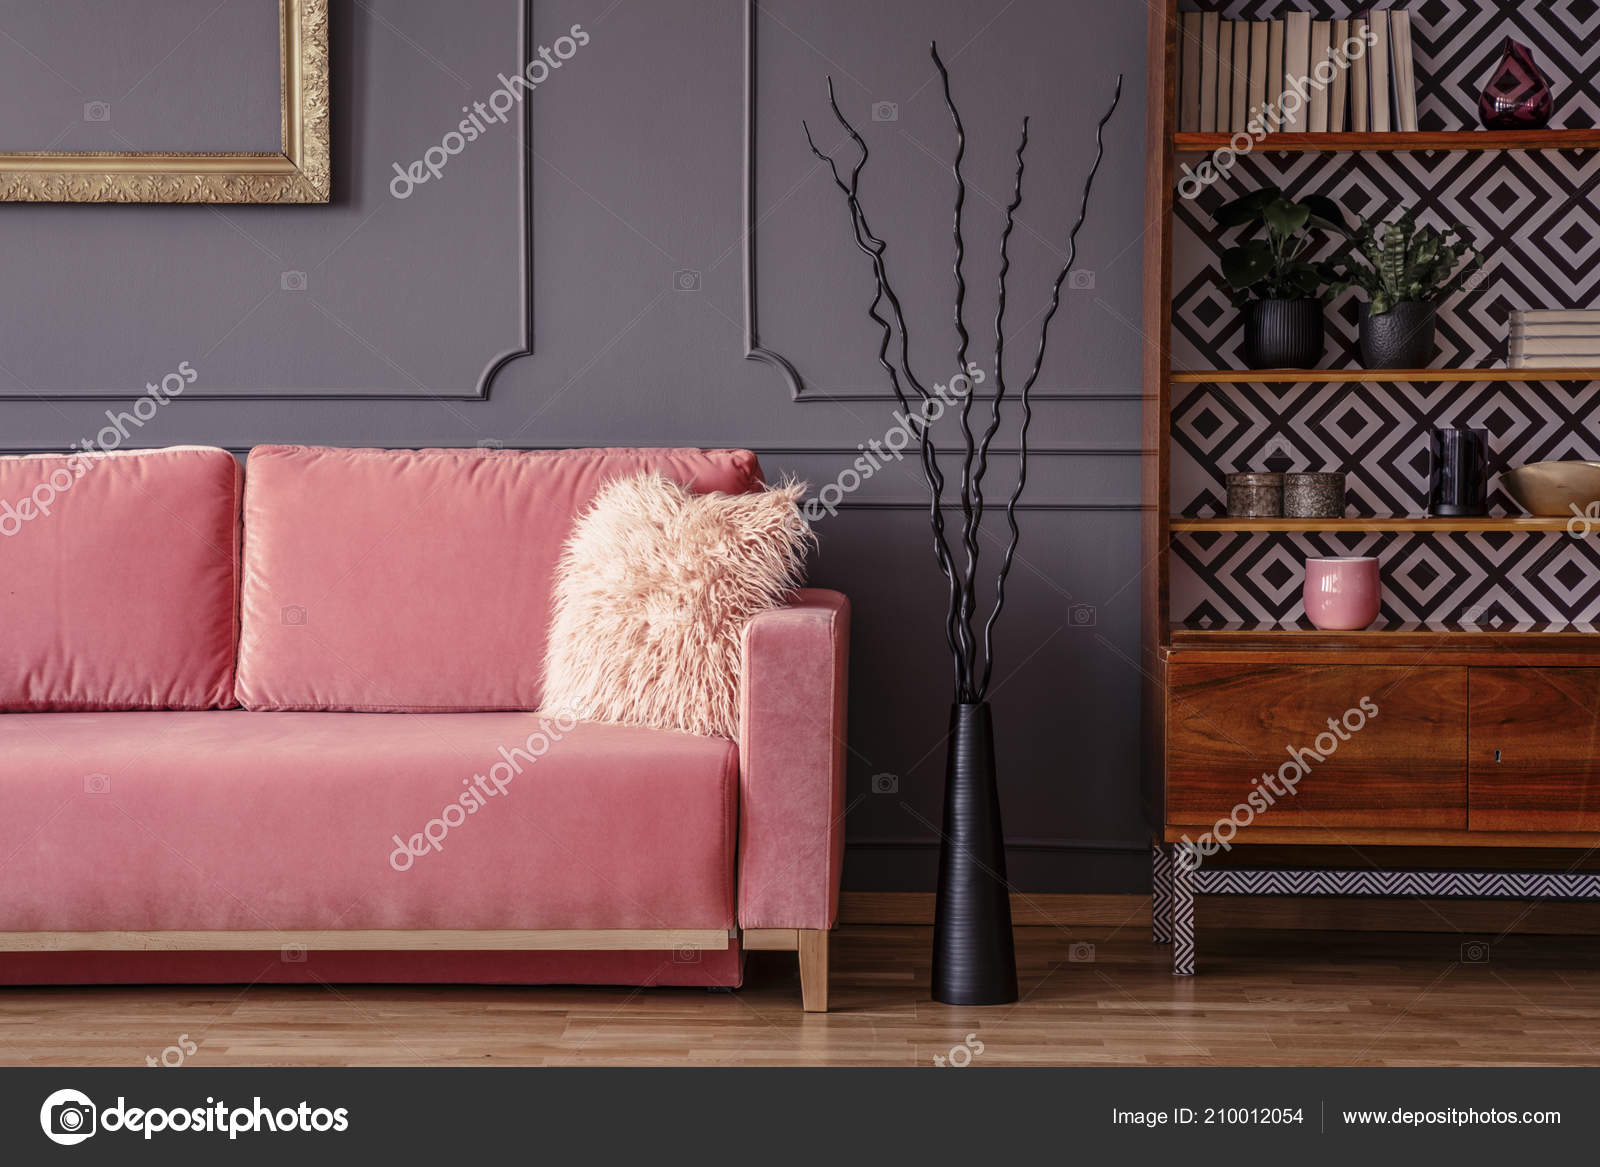 Roze Sofa Naast Zwarte Decoratie Houten Kast Woonkamer Vintage Interieur Stockfoto Rechtenvrije Foto Door C Photographee Eu 210012054